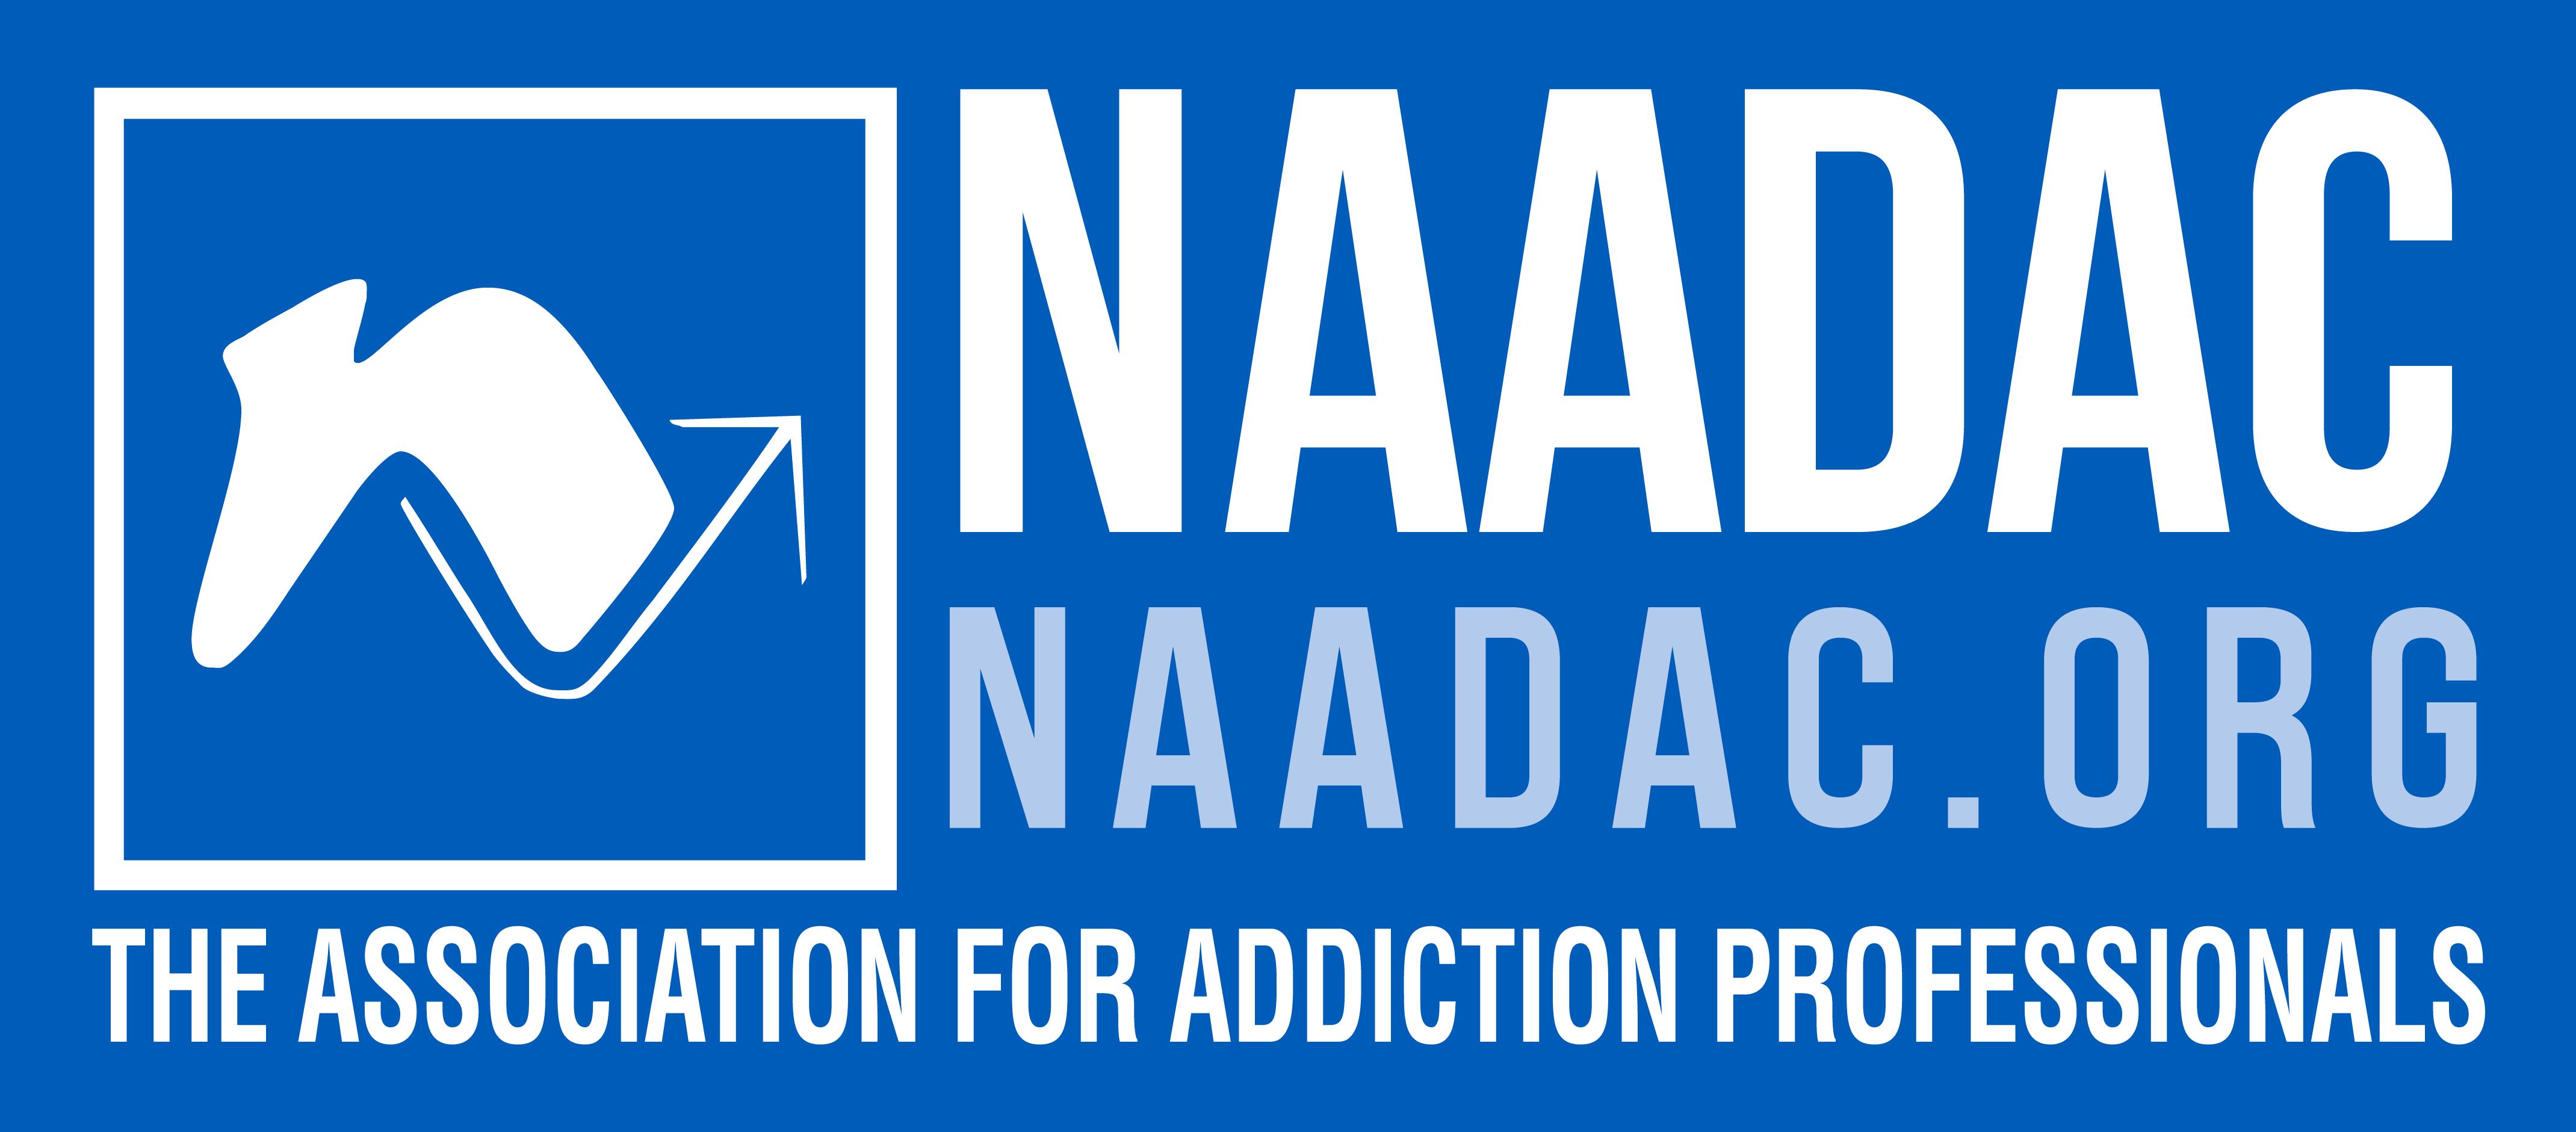 NAADAC